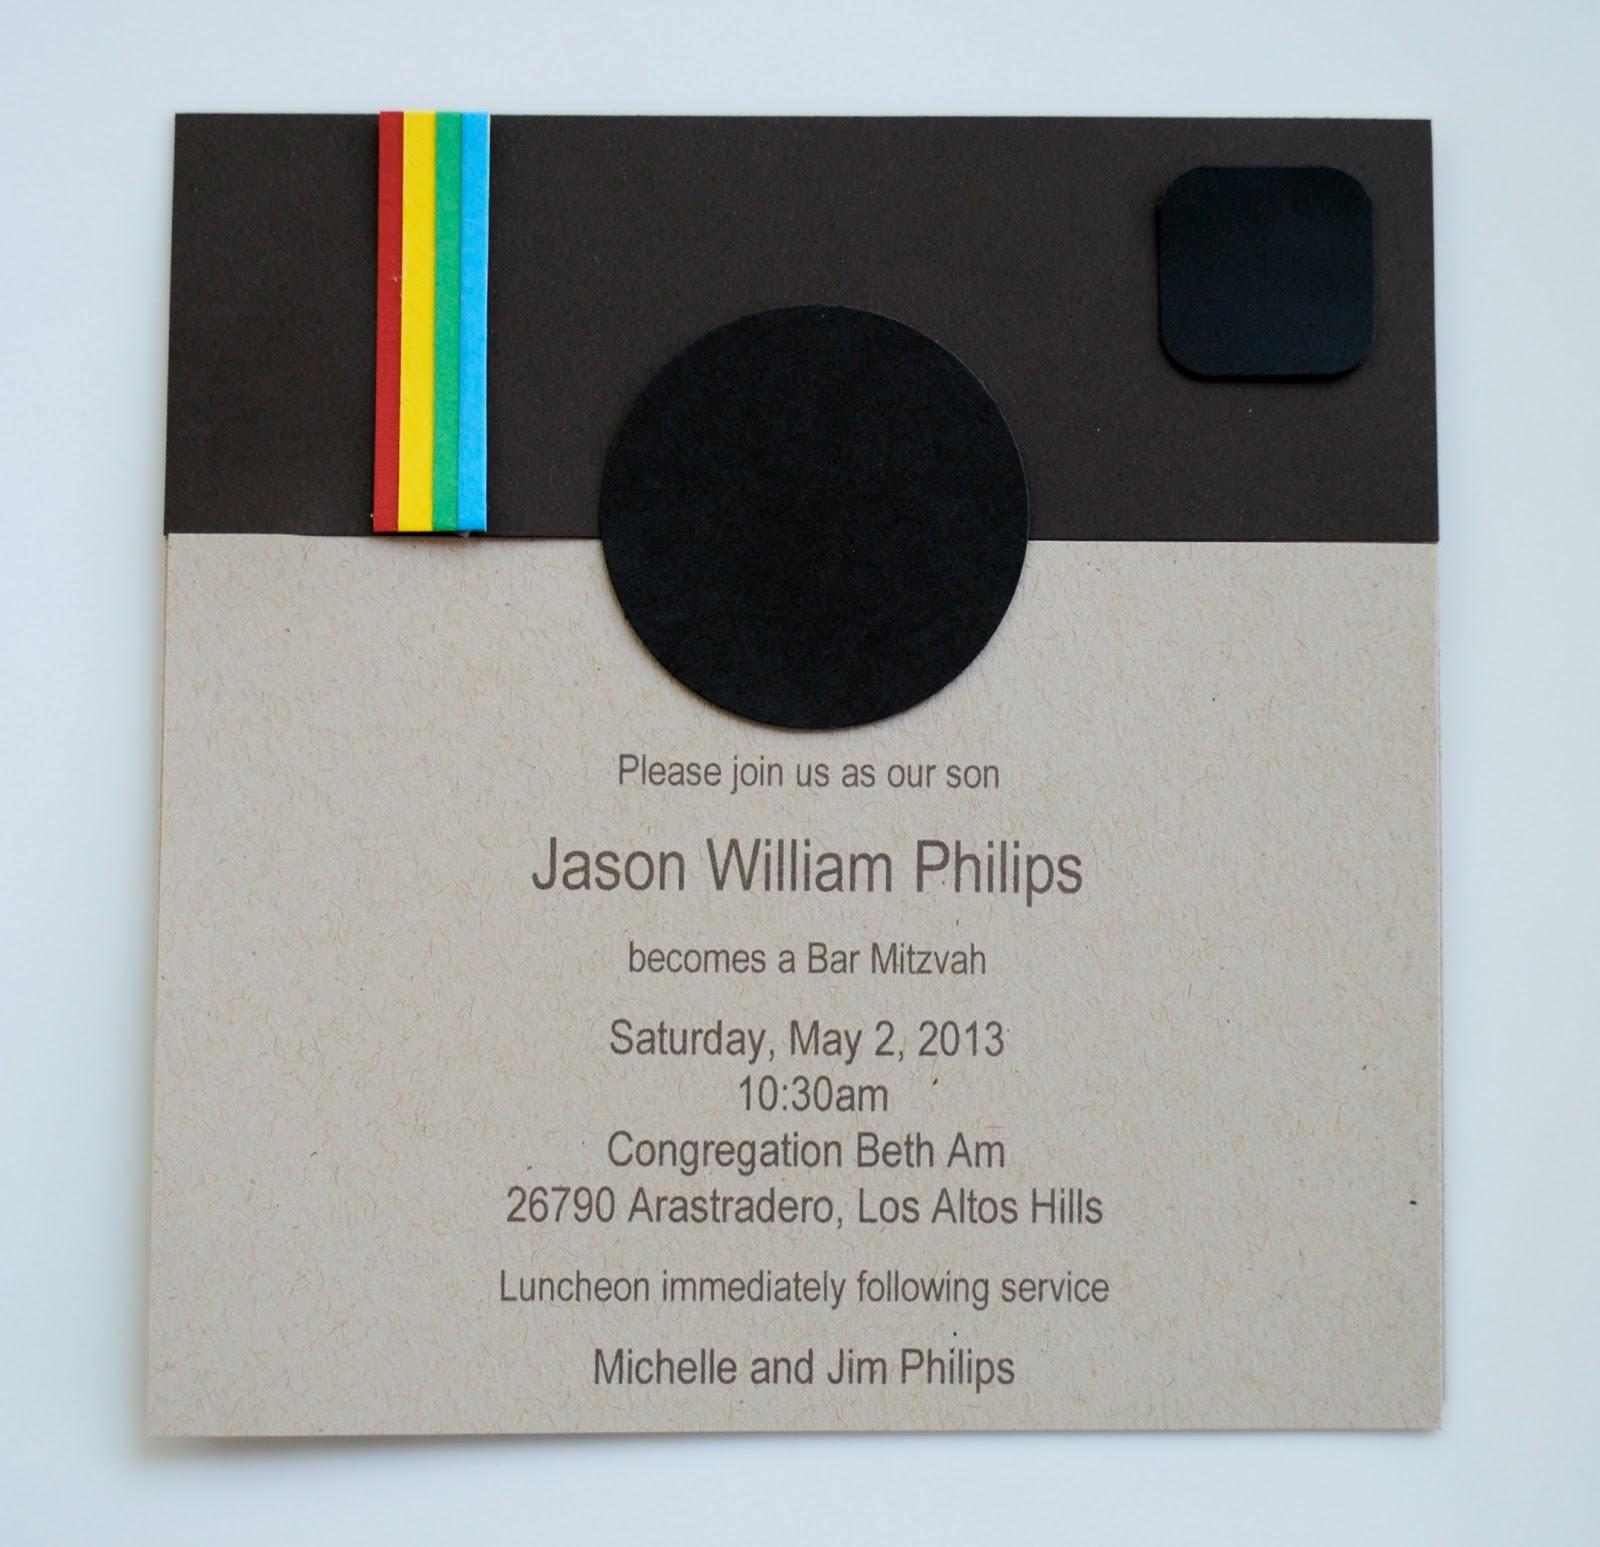 Neon Colored Birthday Invitations is adorable invitations design